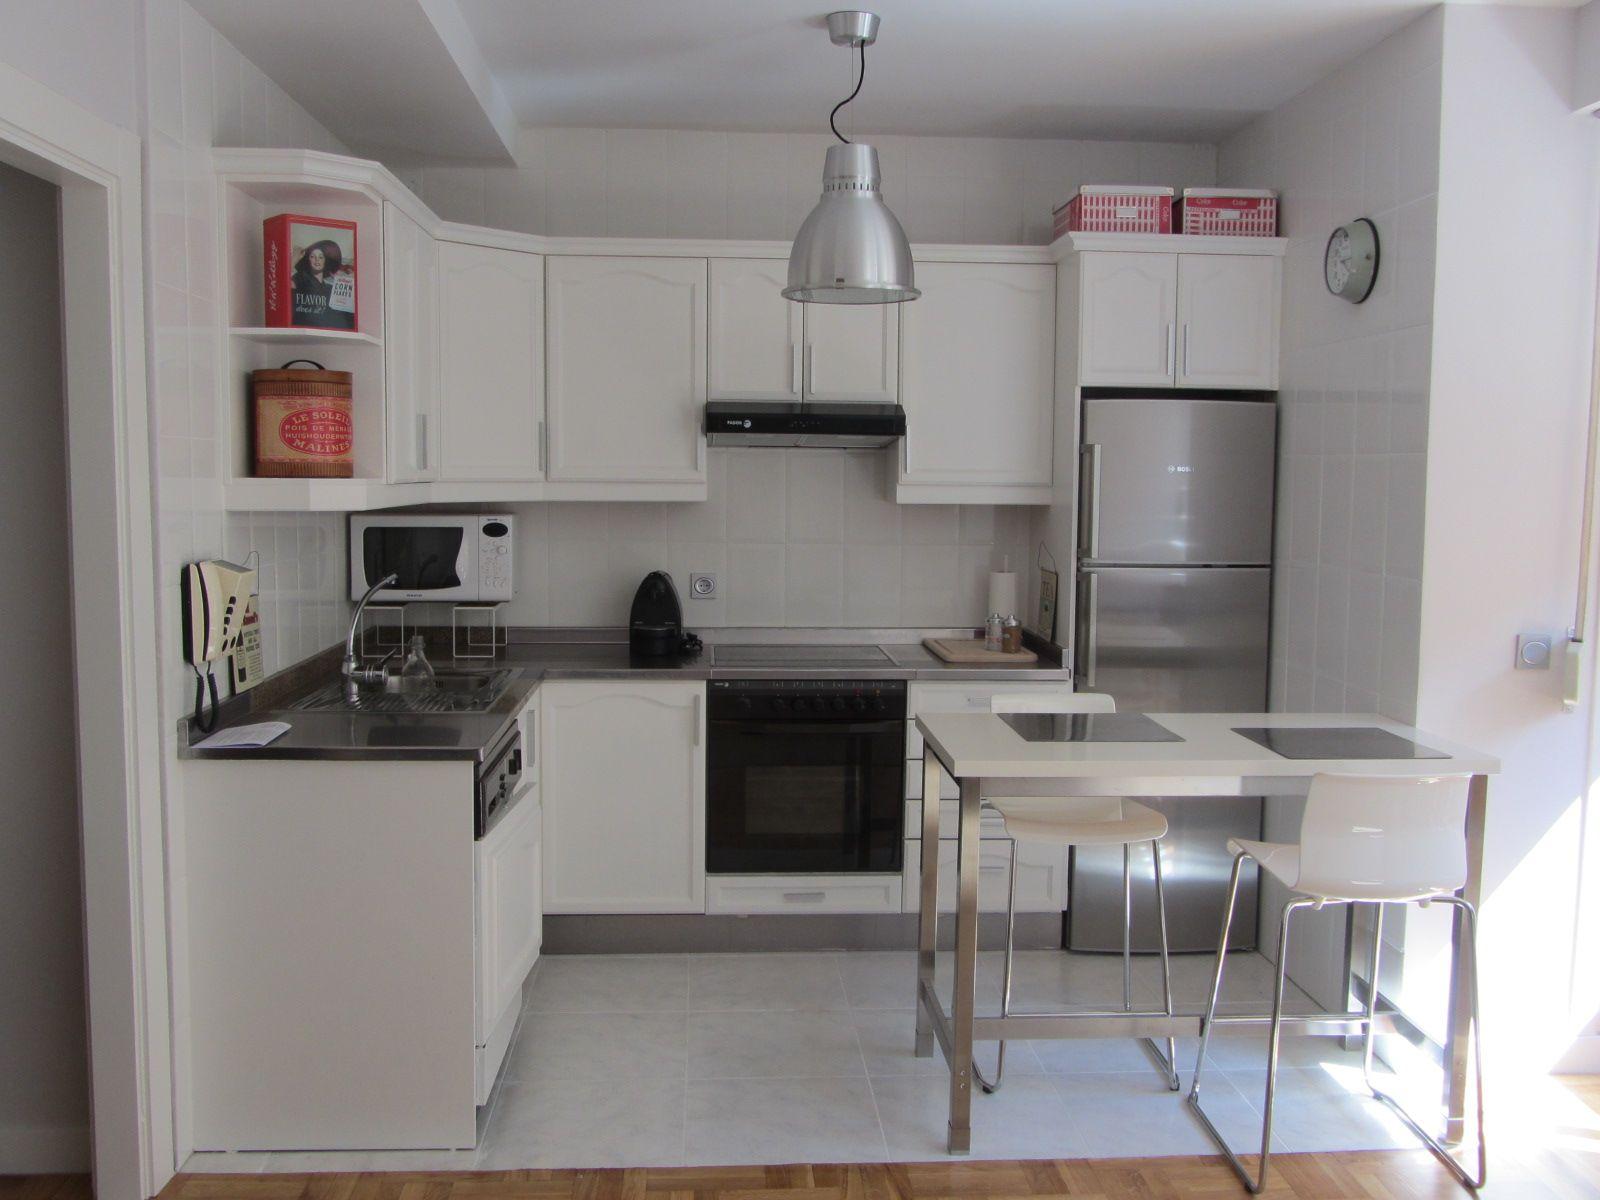 Antes y despues cocinas pintadas chailk paint cerca amb google transformar cocina - Leroy merlin encimeras cocina ...